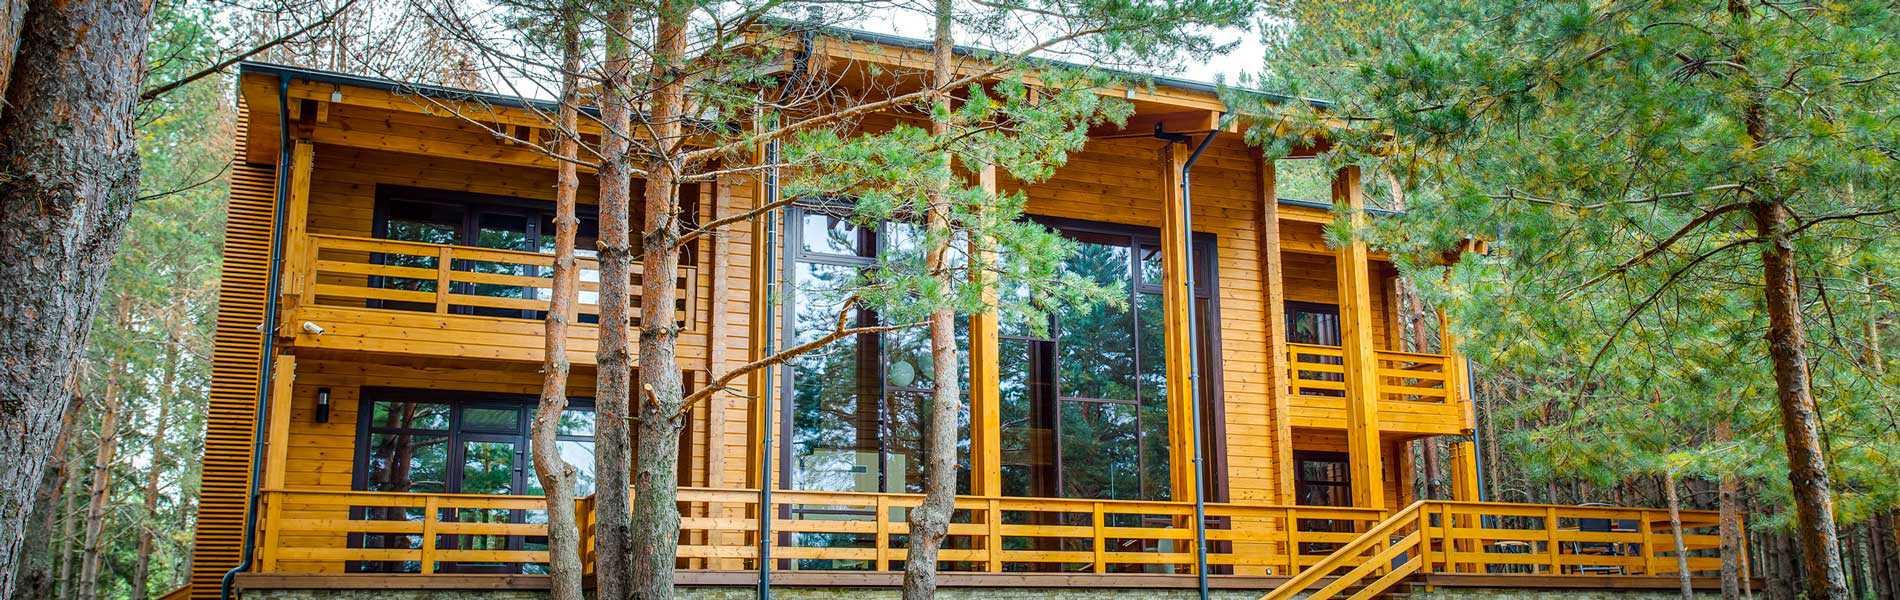 Внутренняя отделка деревянного дома имитация бруса